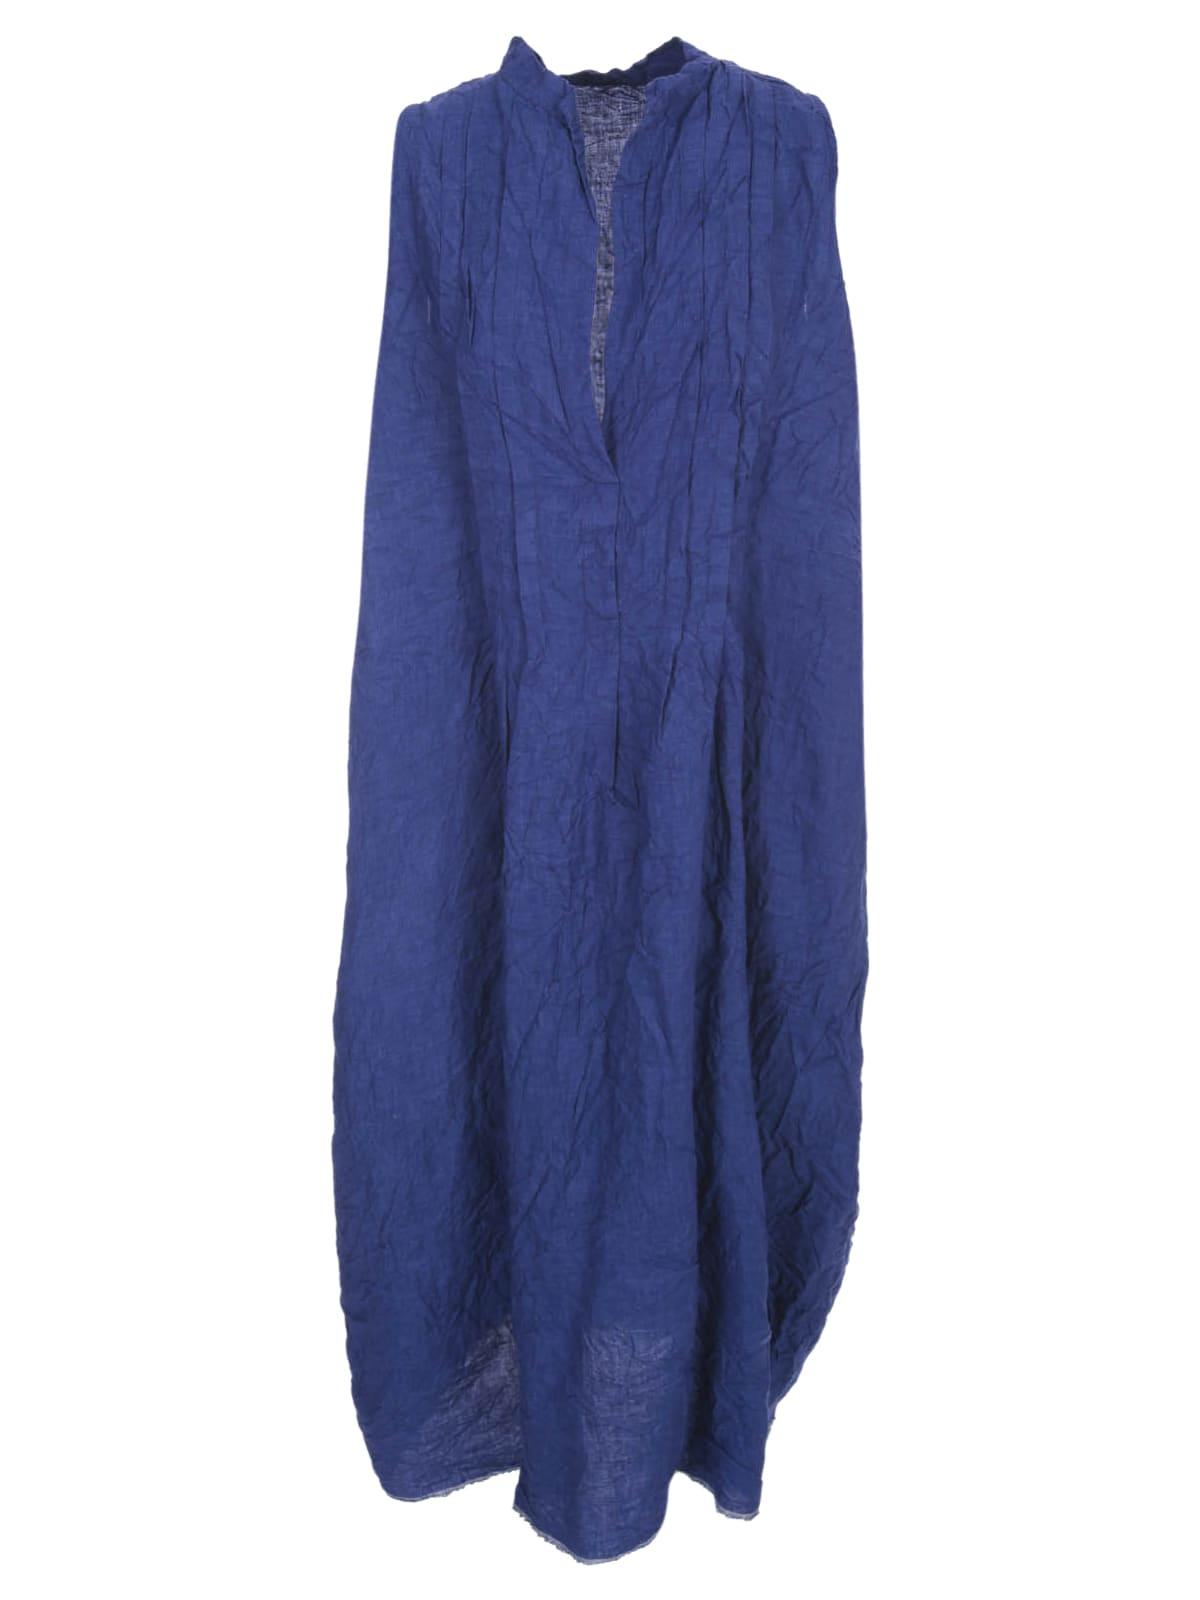 Buy Daniela Gregis Linen Dress W/s Crew Neck W/pleats online, shop Daniela Gregis with free shipping